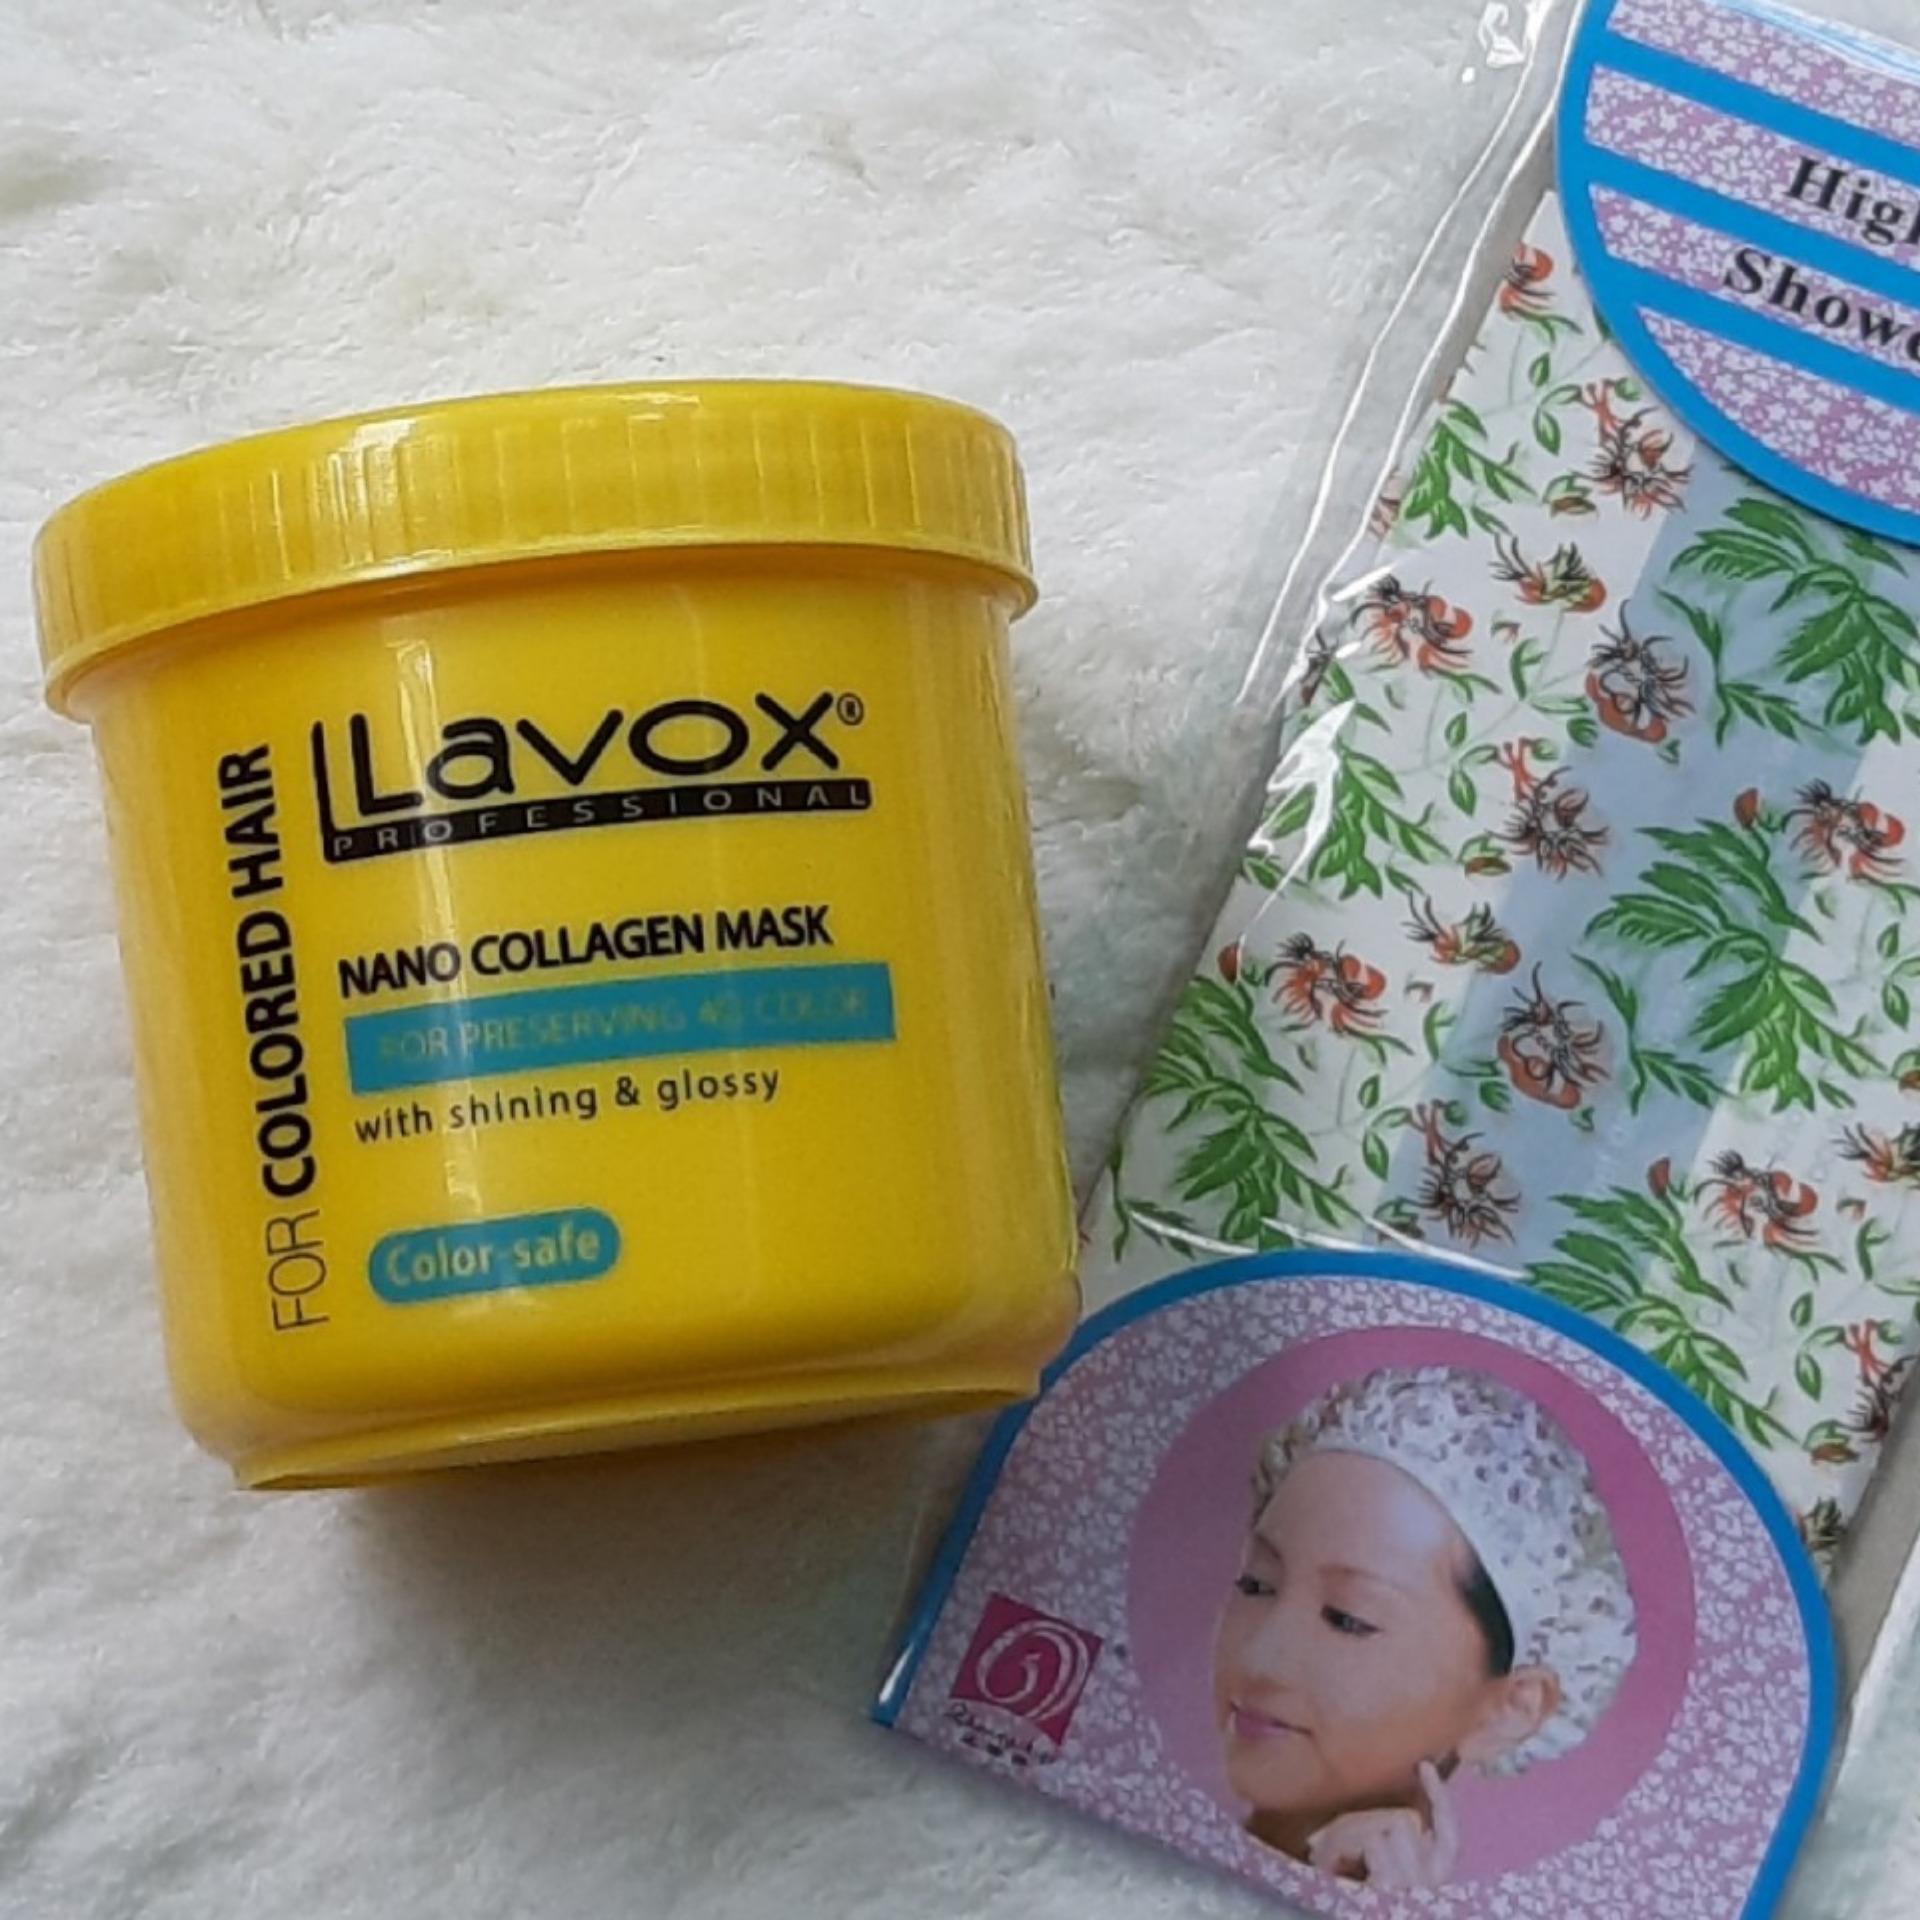 Hấp dầu Ủ Tóc giữ màu nhuộm 04 D Tinh chất Nano Collagen Lavox 500ml  (tặng nón trùm tóc)